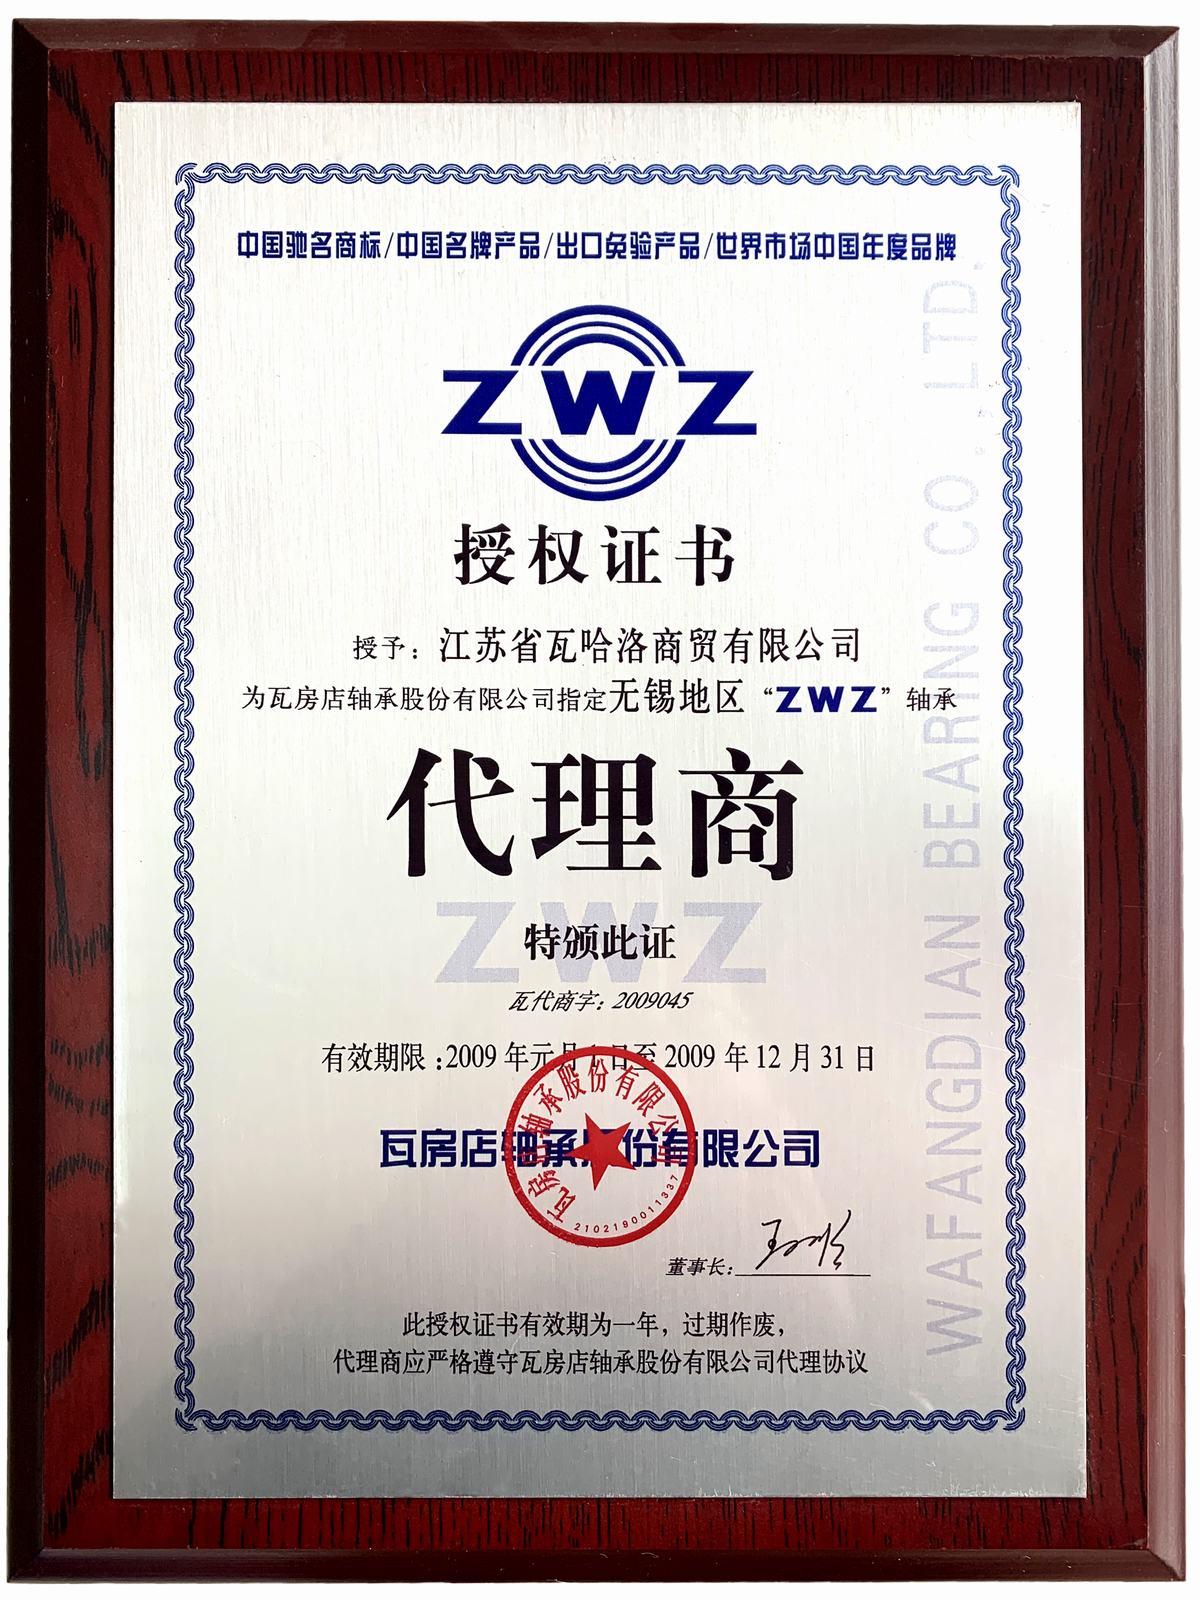 江蘇江瓦ZWZ瓦軸瓦房店軸承授權經銷商無錫軸承公司